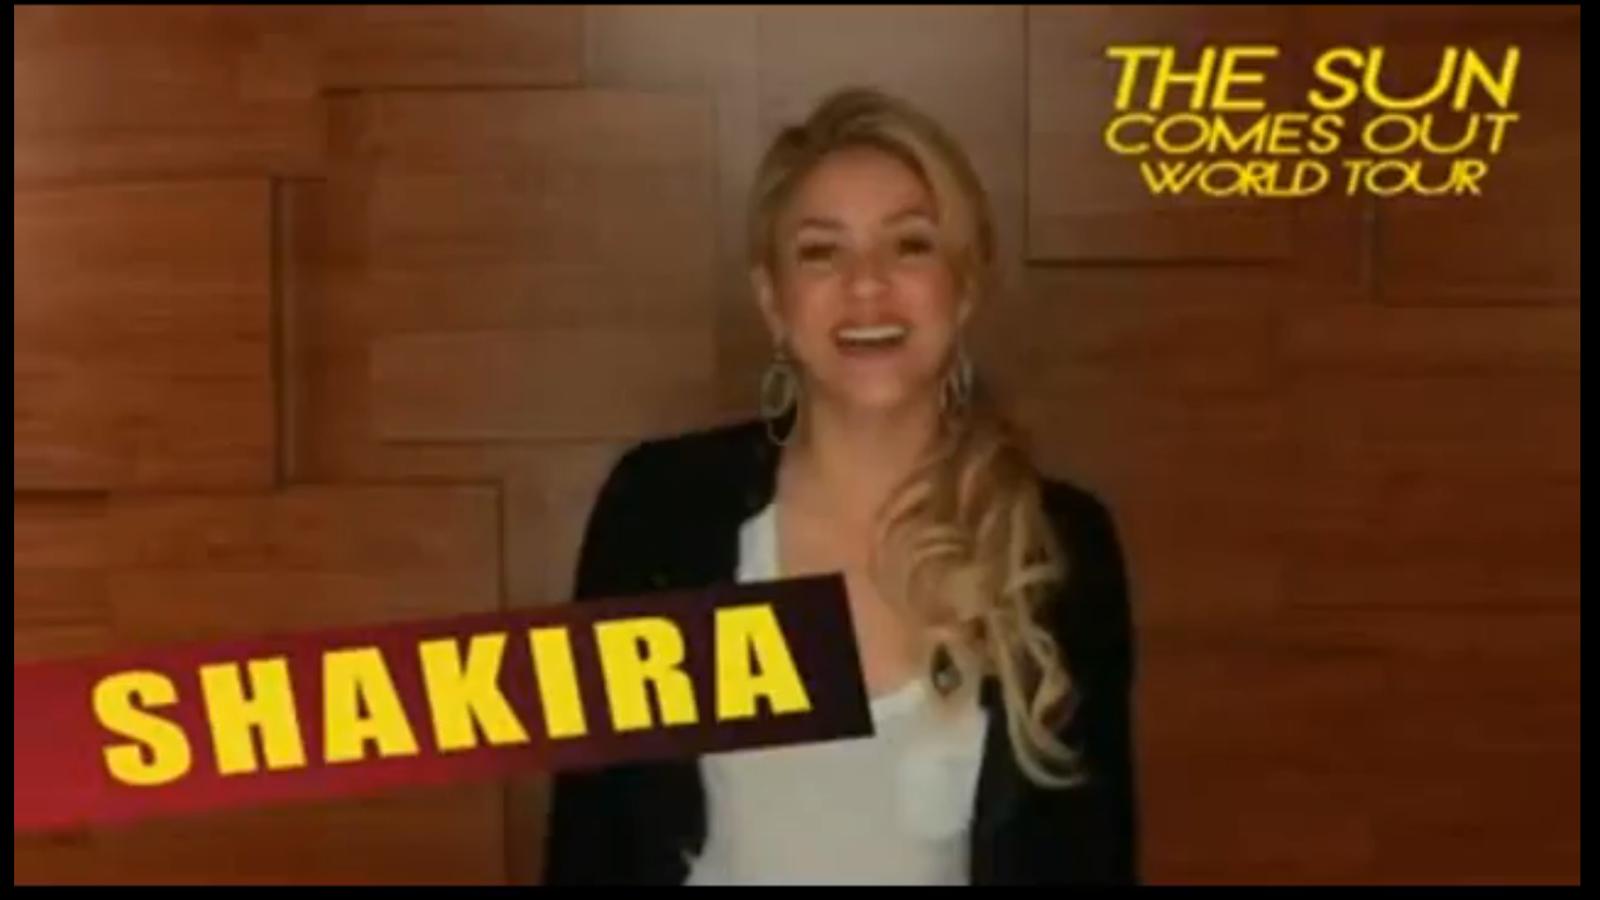 Shakira anima als seus fans a anar al seu concert en català